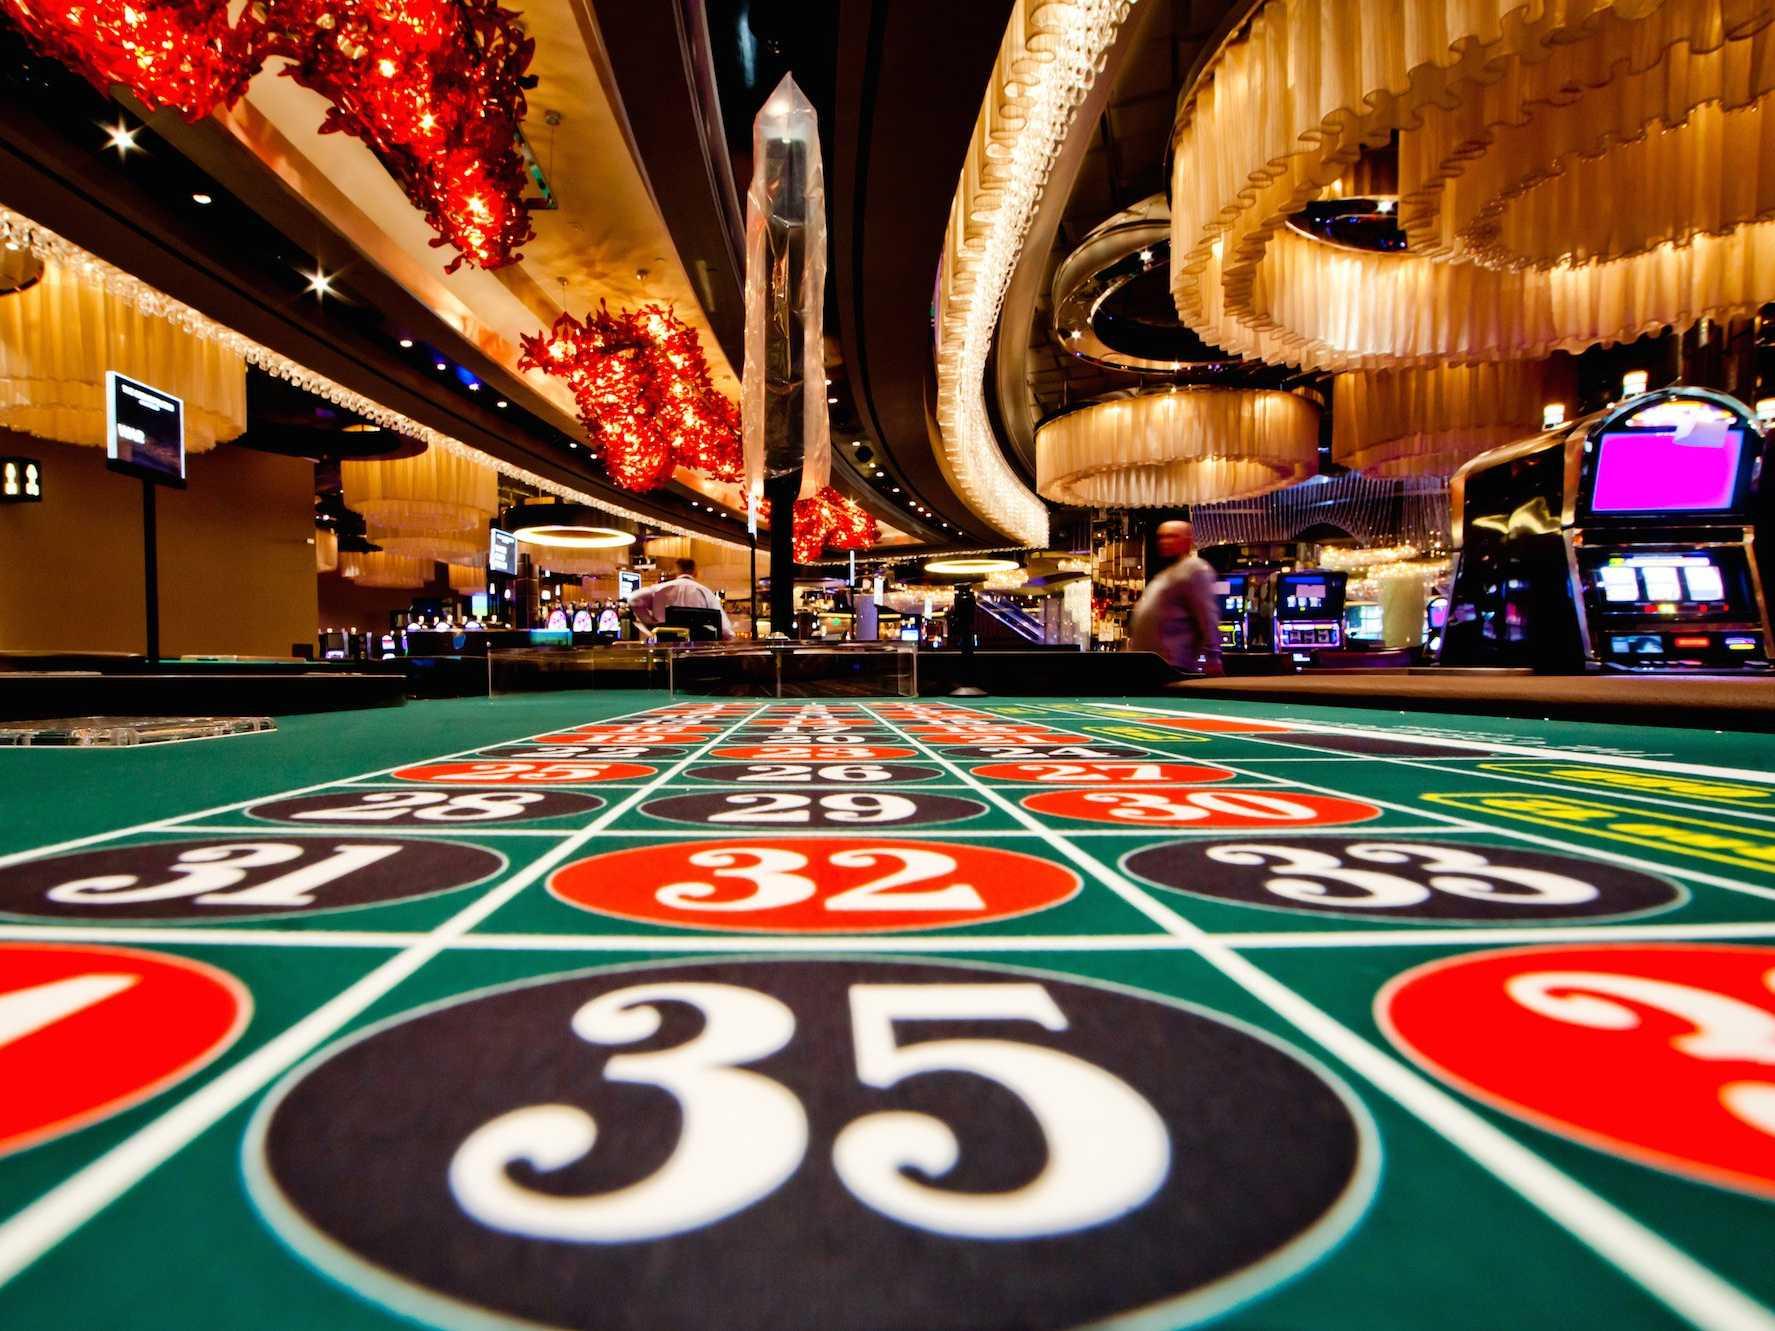 Procurez-vous des jeux casino sur votre High phone